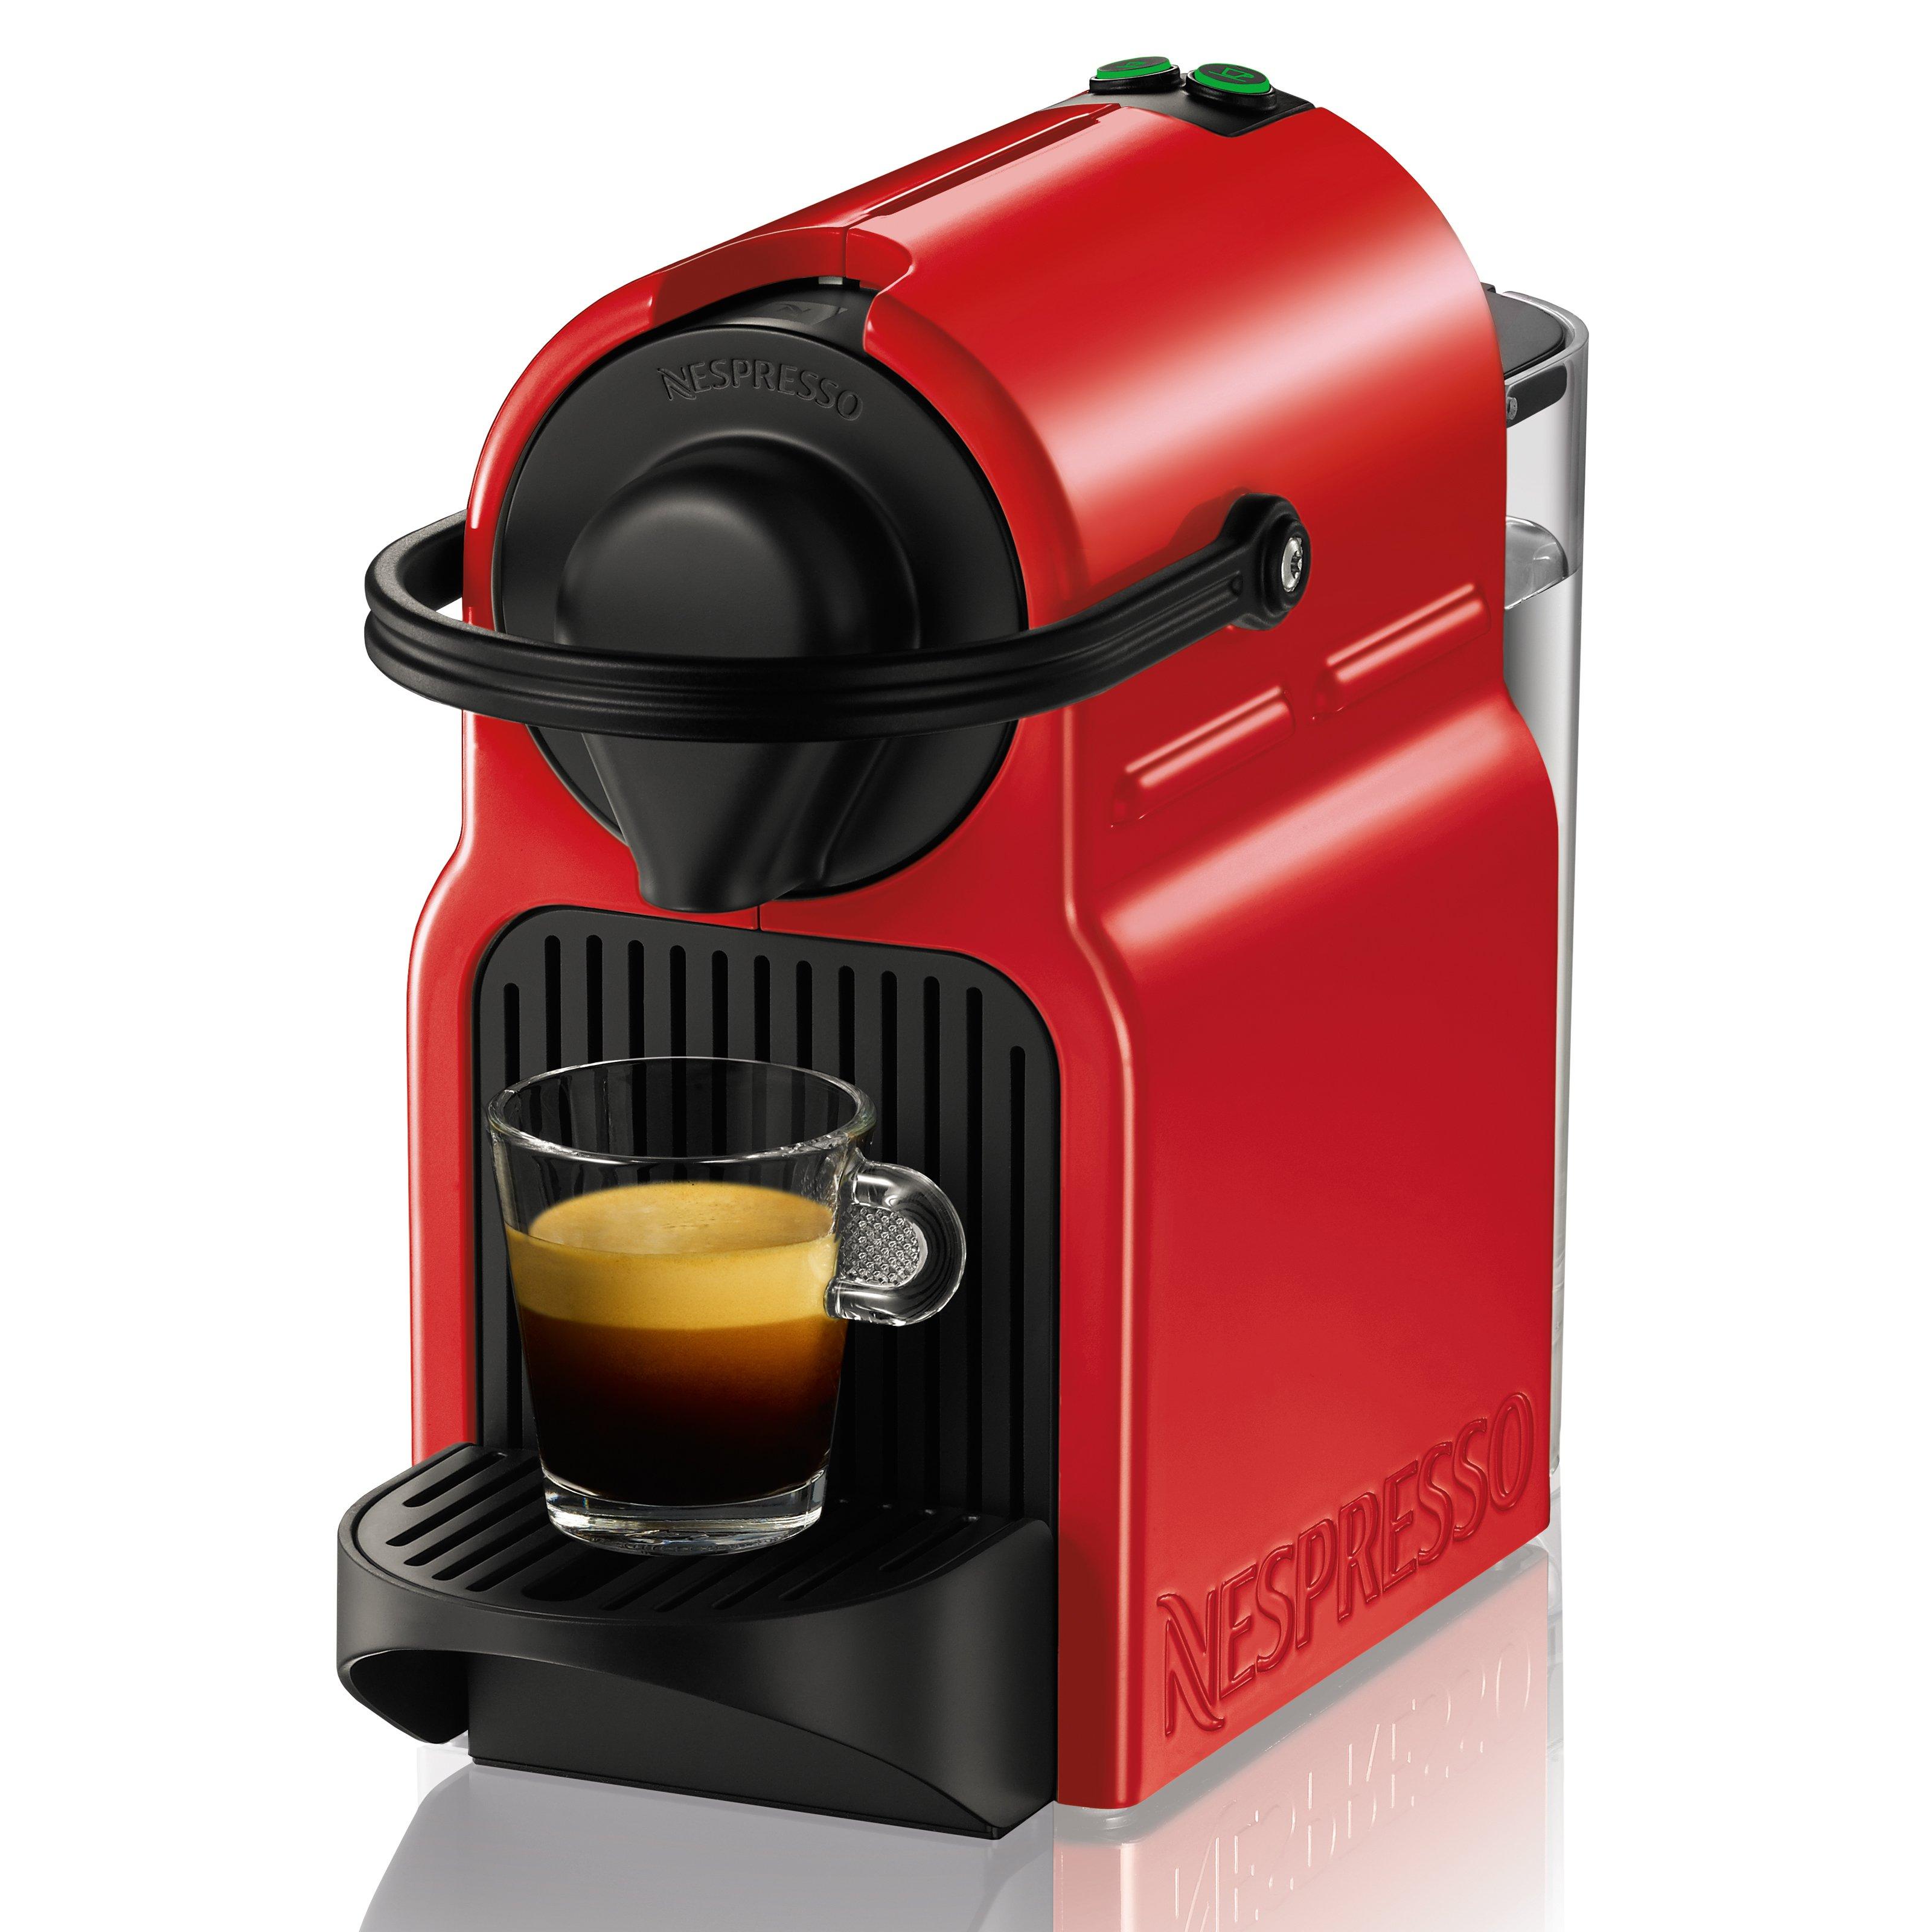 Nespresso Inissia Red Standalone Espresso Machine